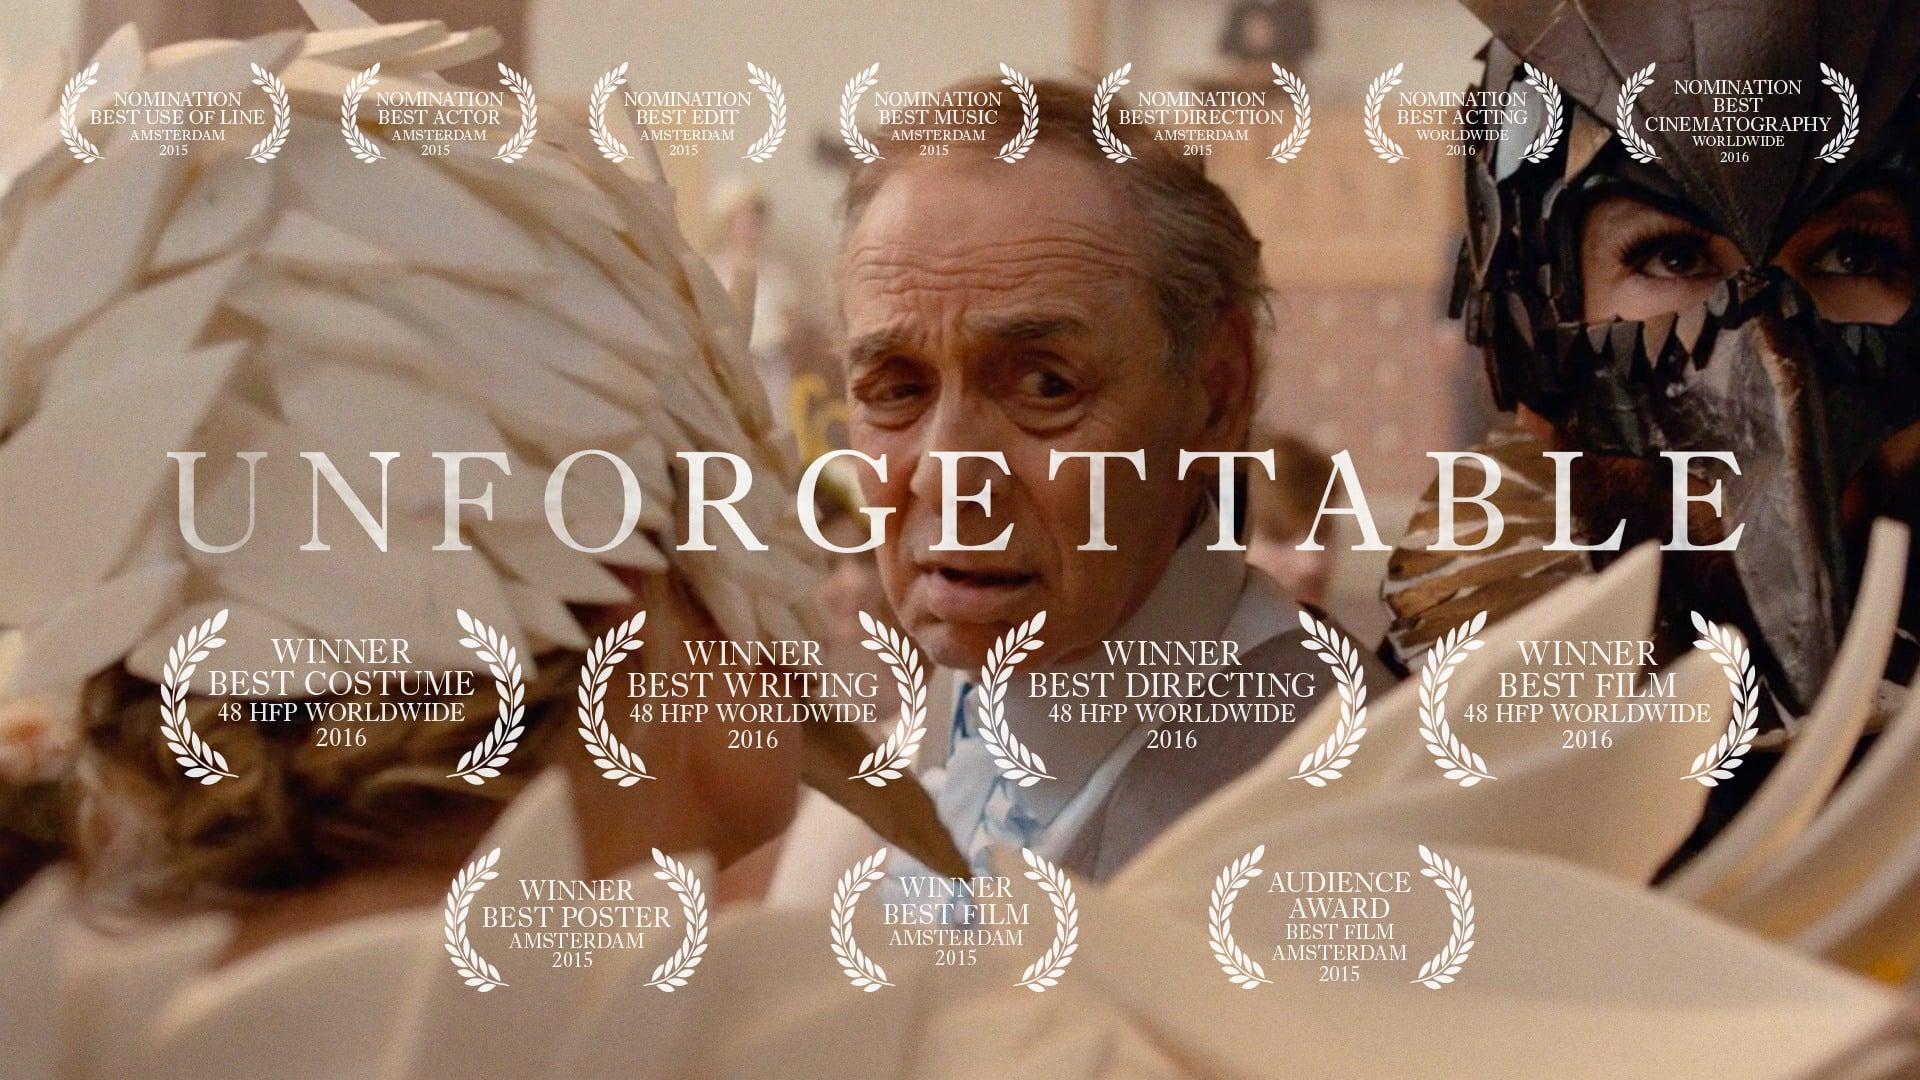 UNFORGETTABLE   Take23   Winner Best Film 48hour film WORLDWIDE 2015